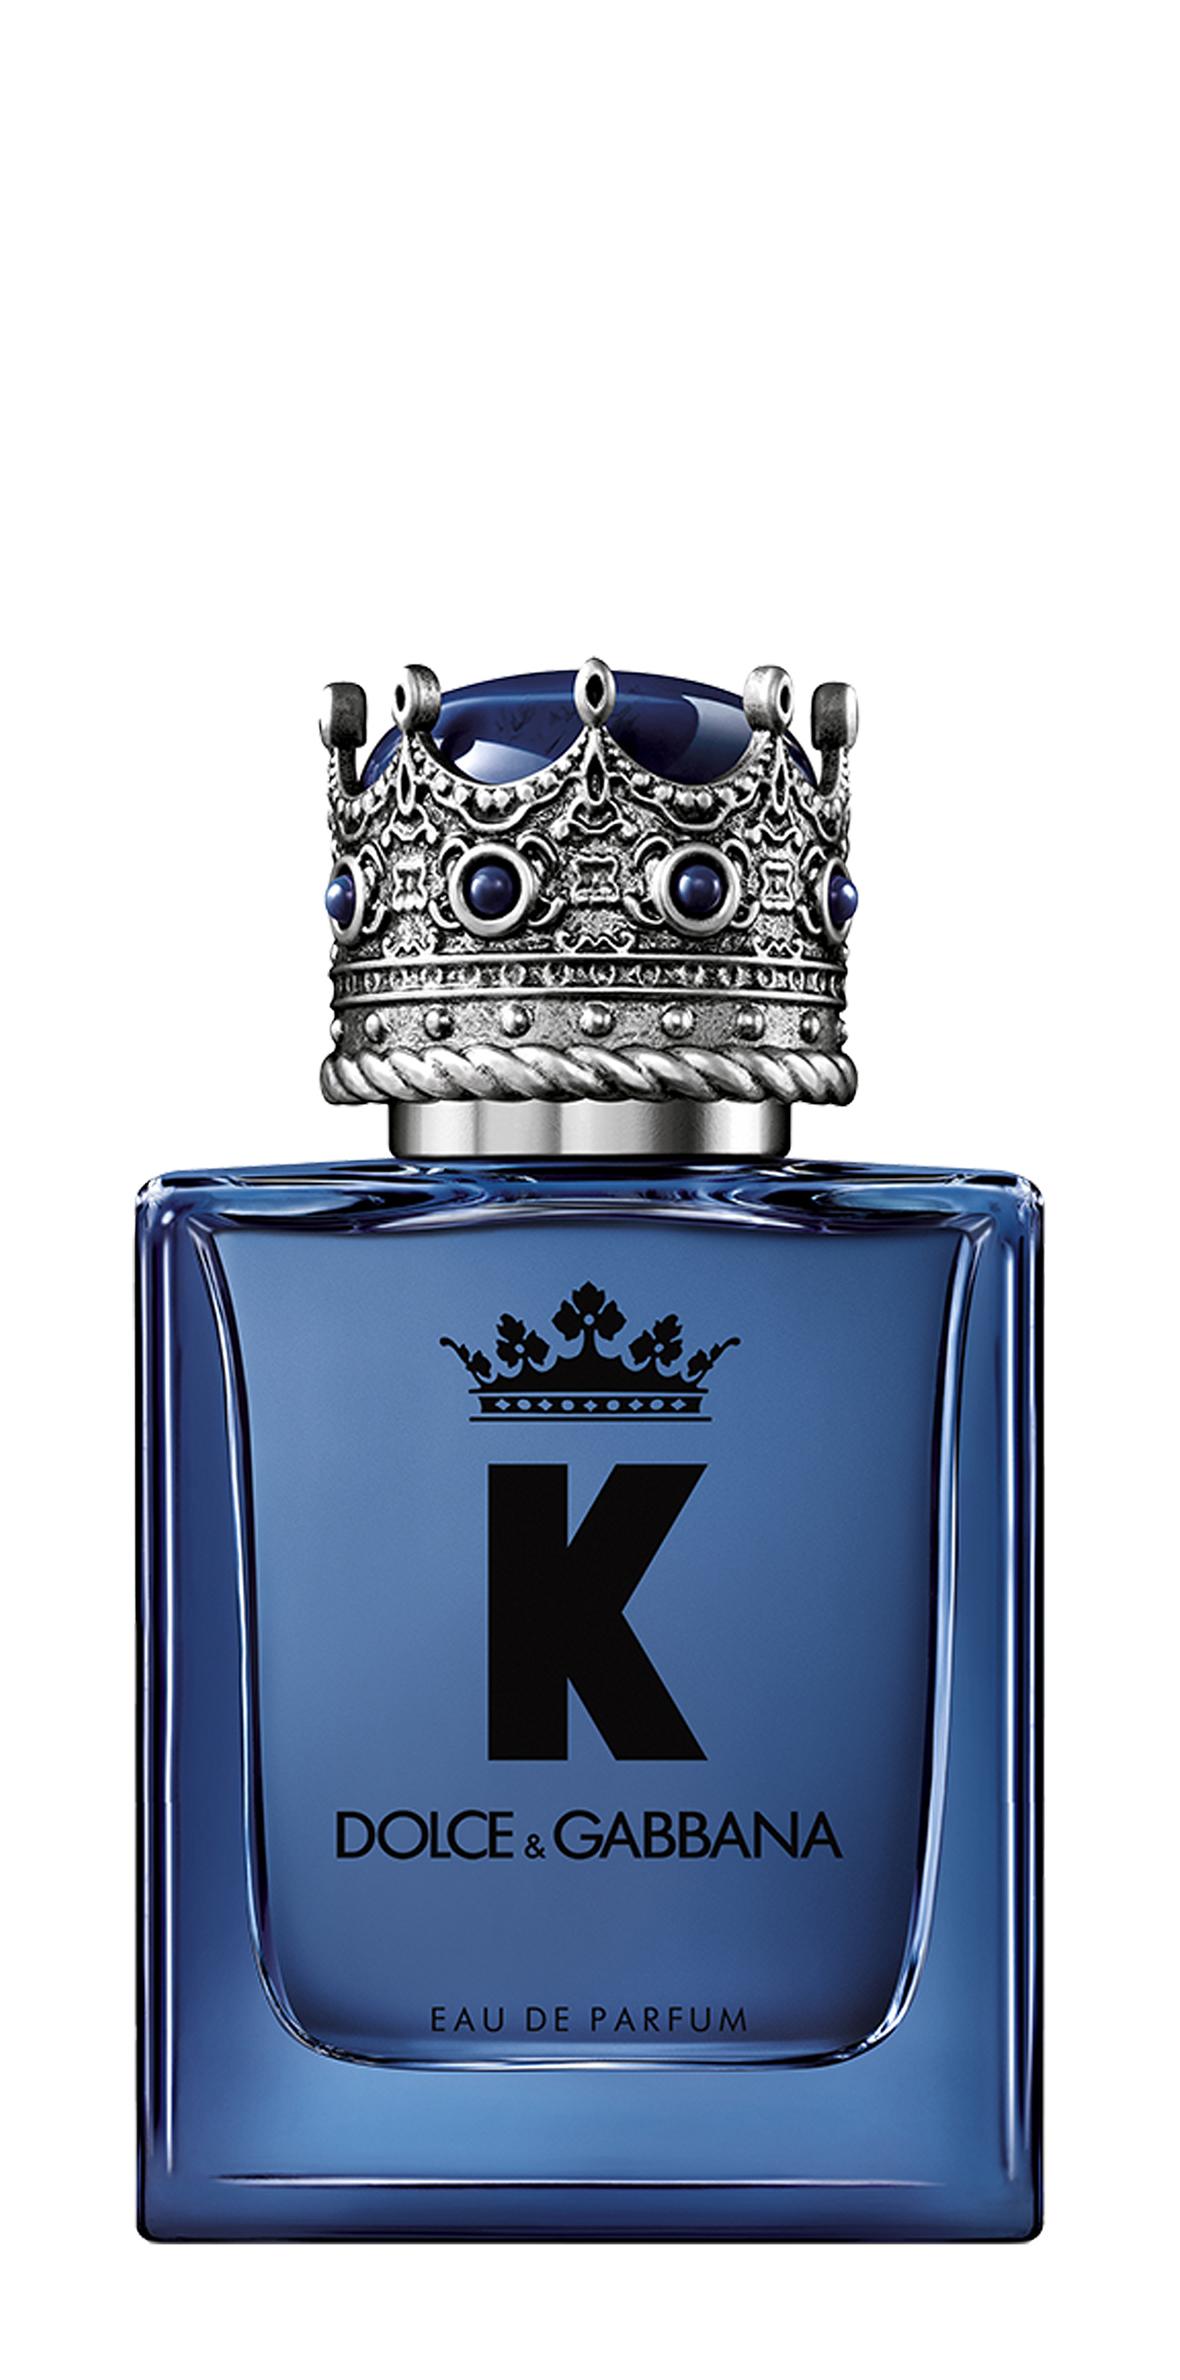 Купить Туалетная вода Dolce & Gabbana K by Dolce&Gabbana Eau De Parfum